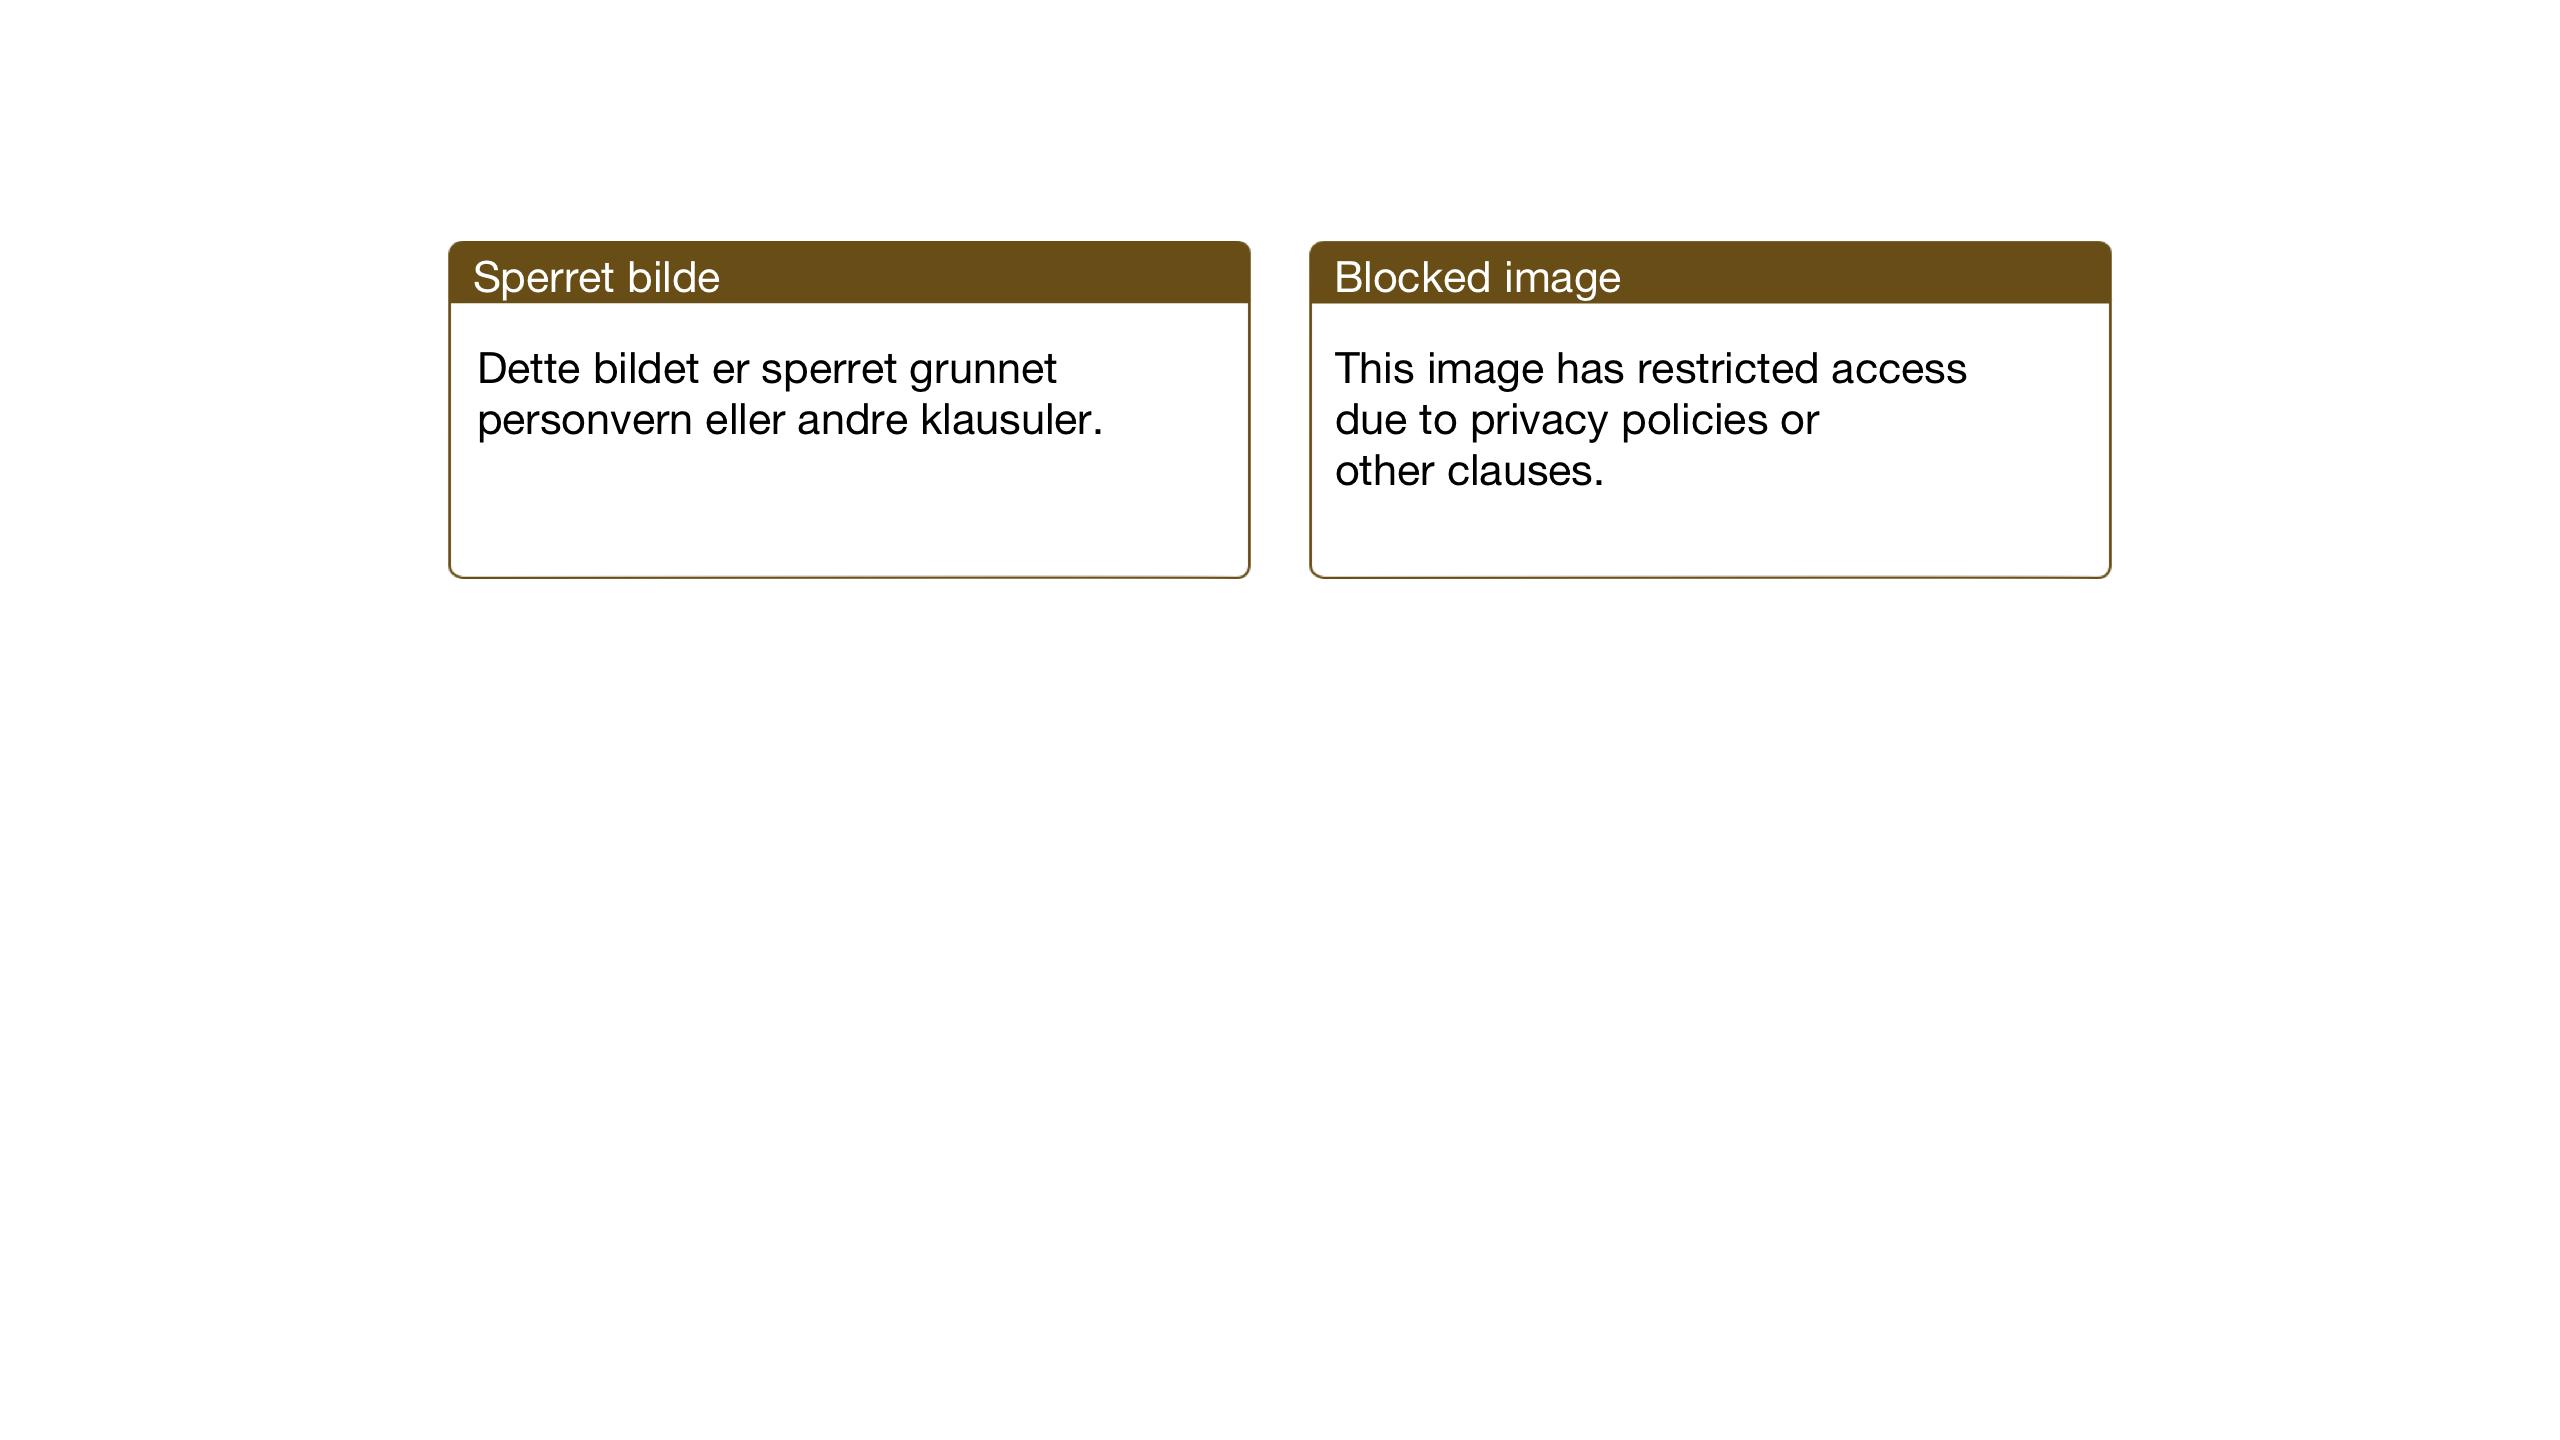 SAT, Ministerialprotokoller, klokkerbøker og fødselsregistre - Sør-Trøndelag, 637/L0564: Klokkerbok nr. 637C05, 1928-1968, s. 230